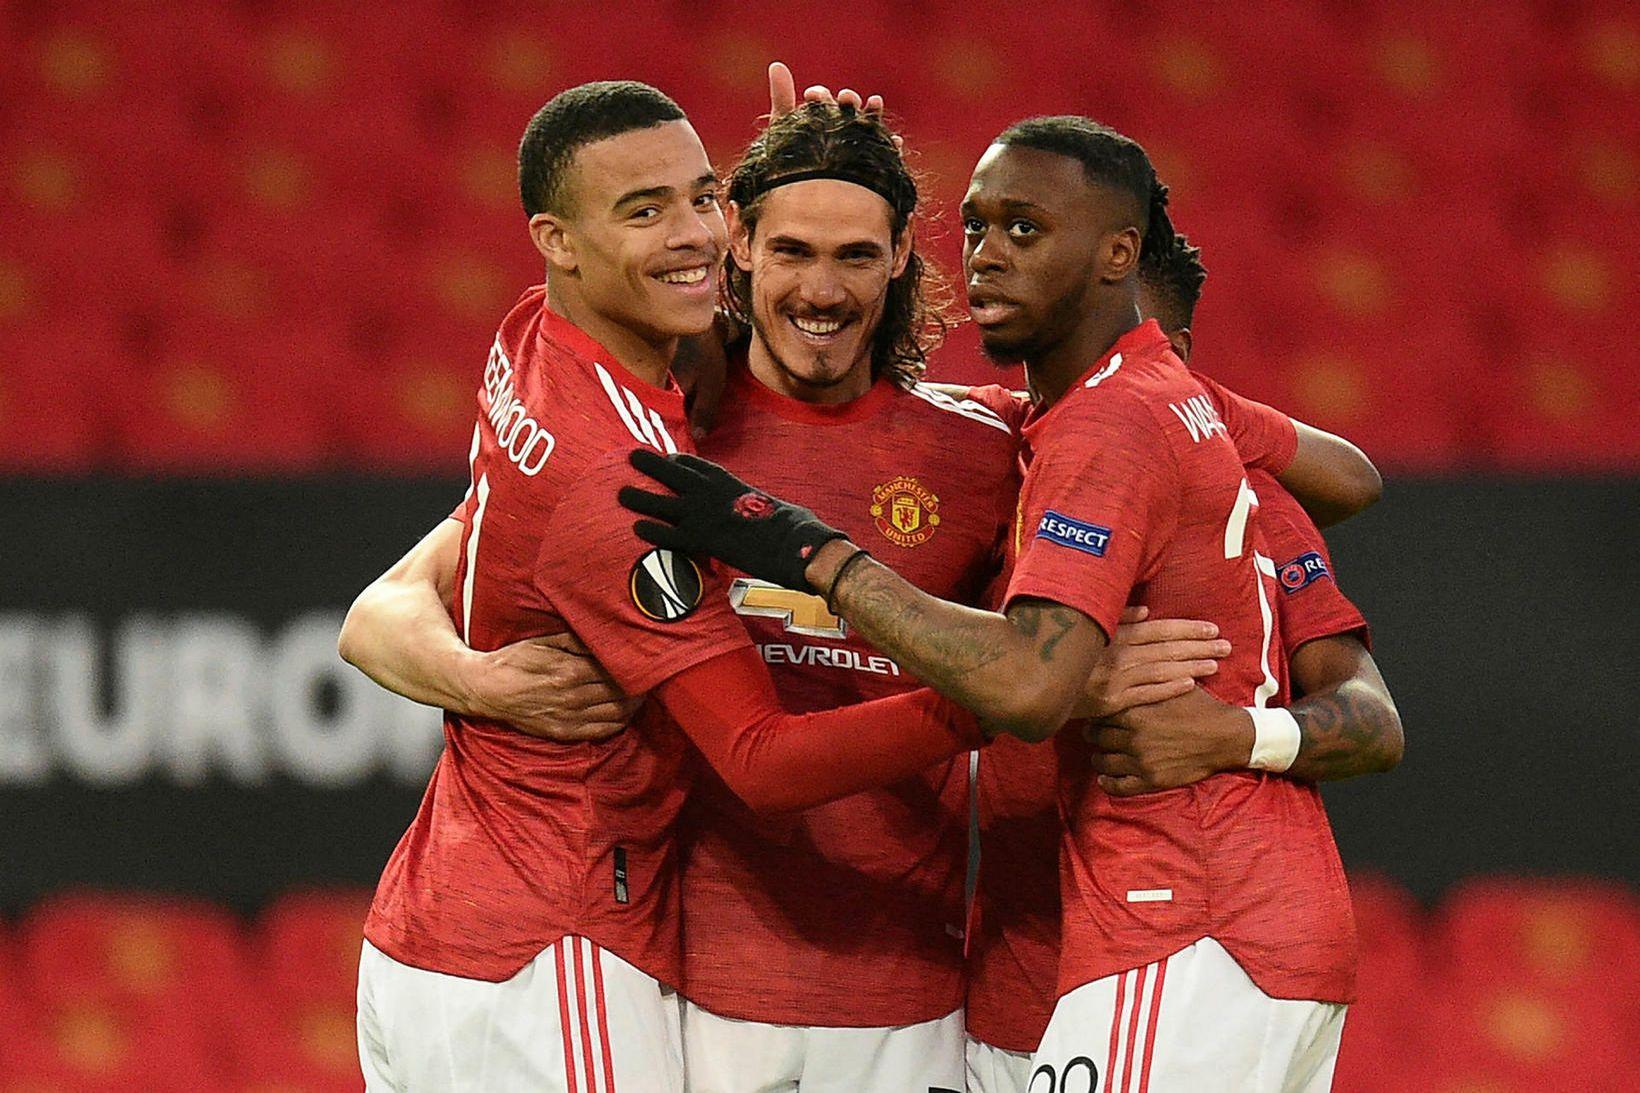 Manchester United getur saxað á forskot Manchester City á toppi …